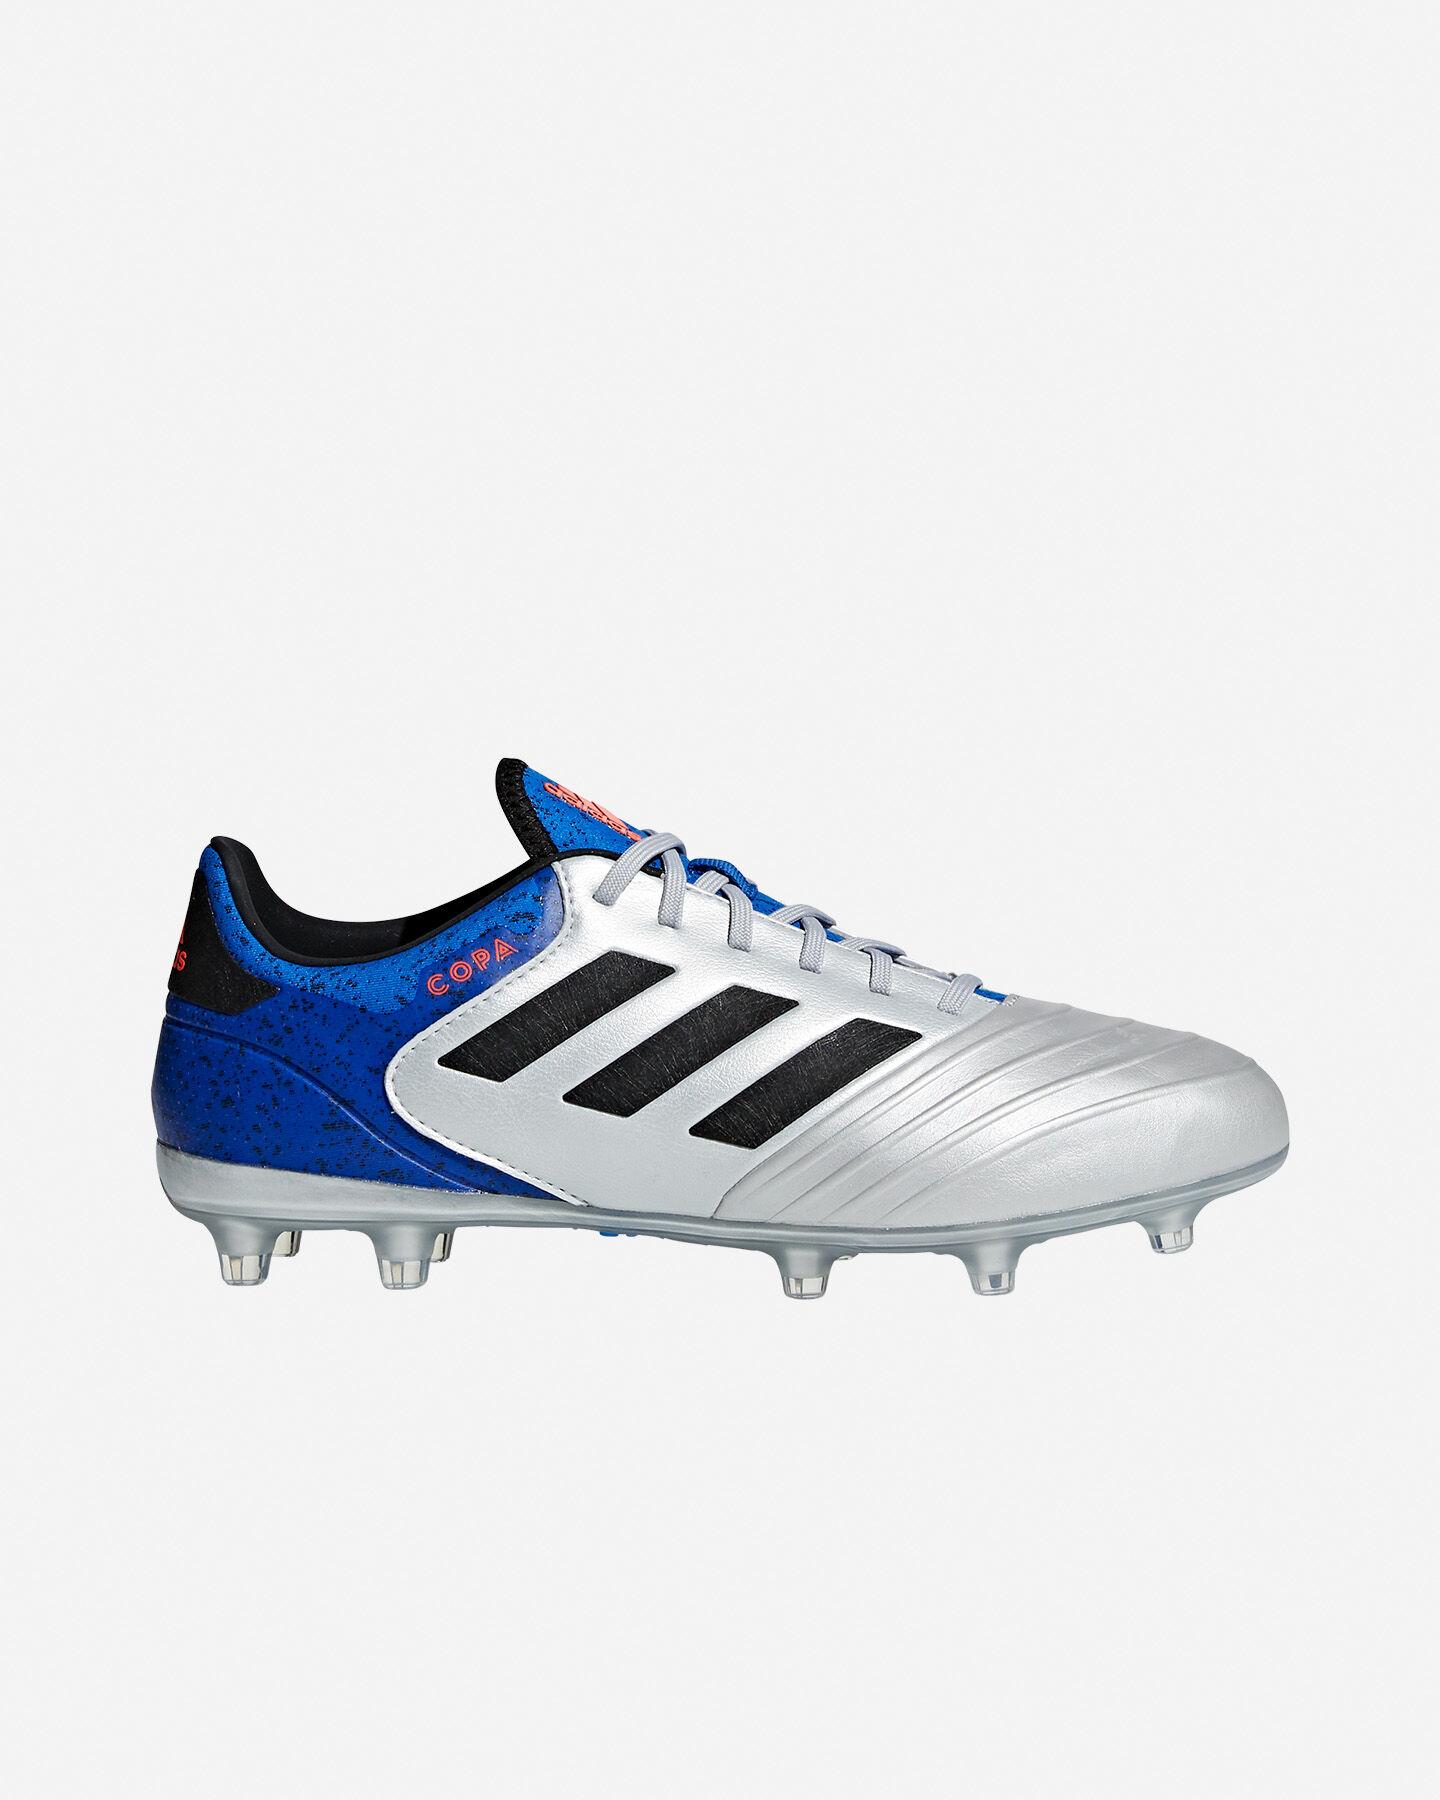 scarpe calcio adidas uomo 2017 a 6